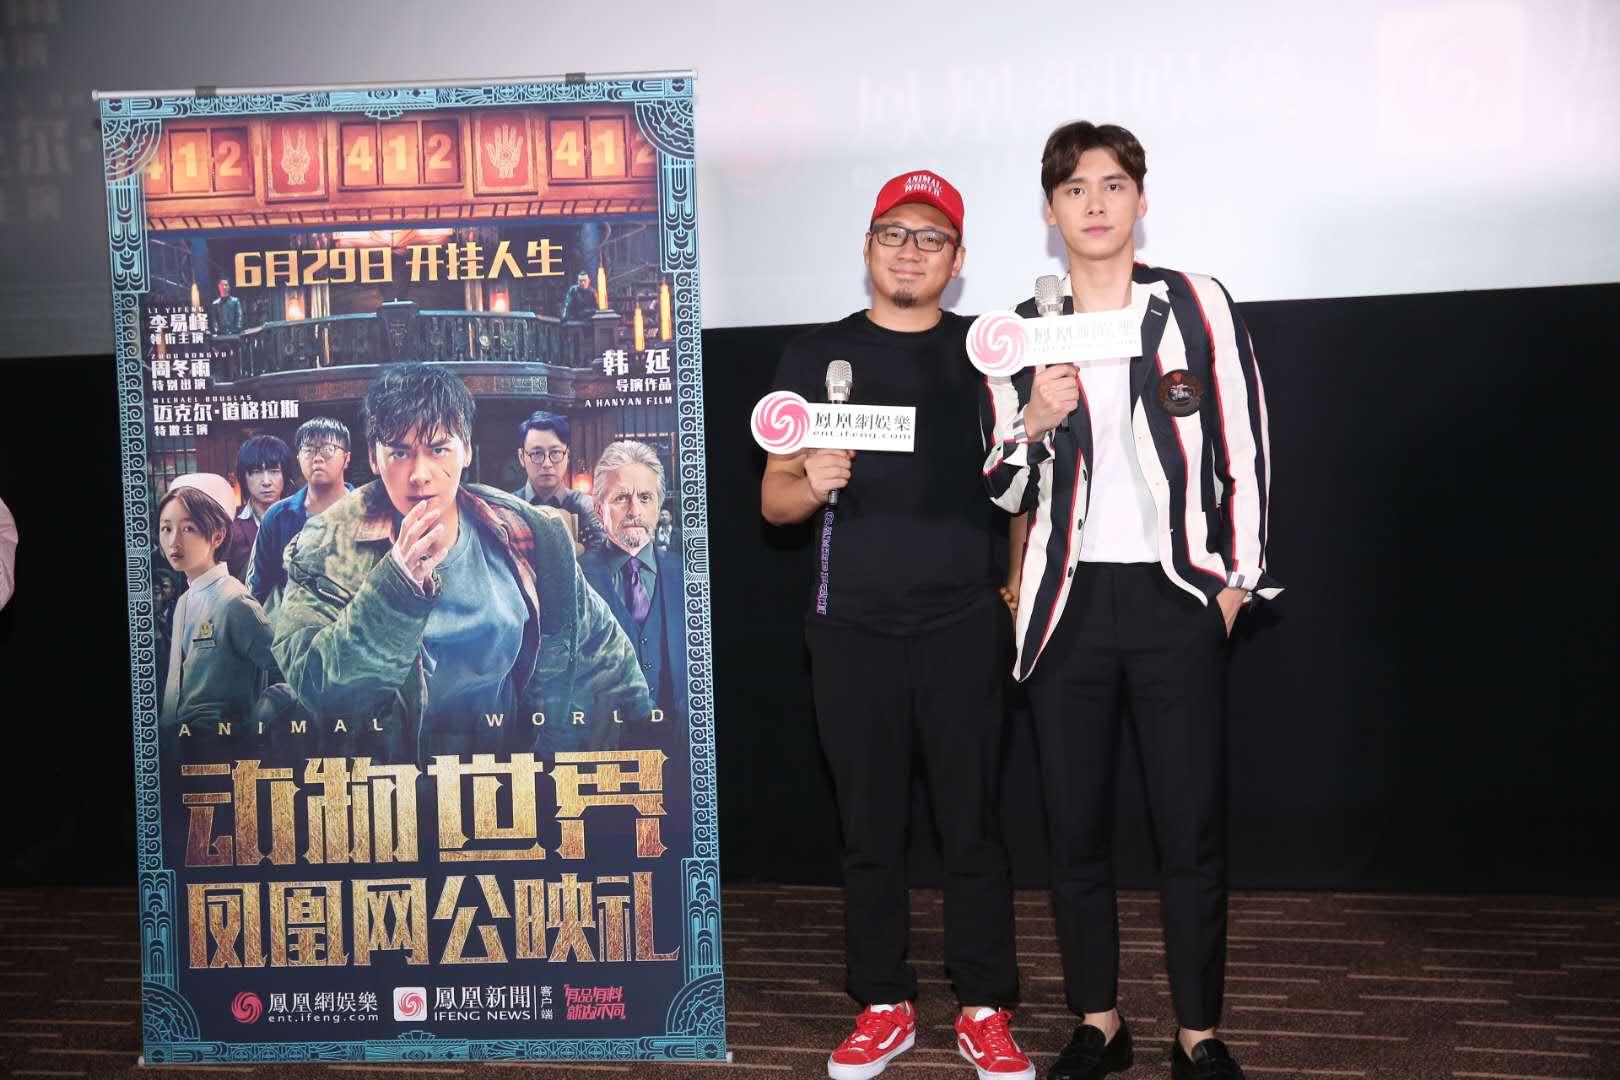 《动物世界》凤凰公映礼:李易峰面临极致人性拷问